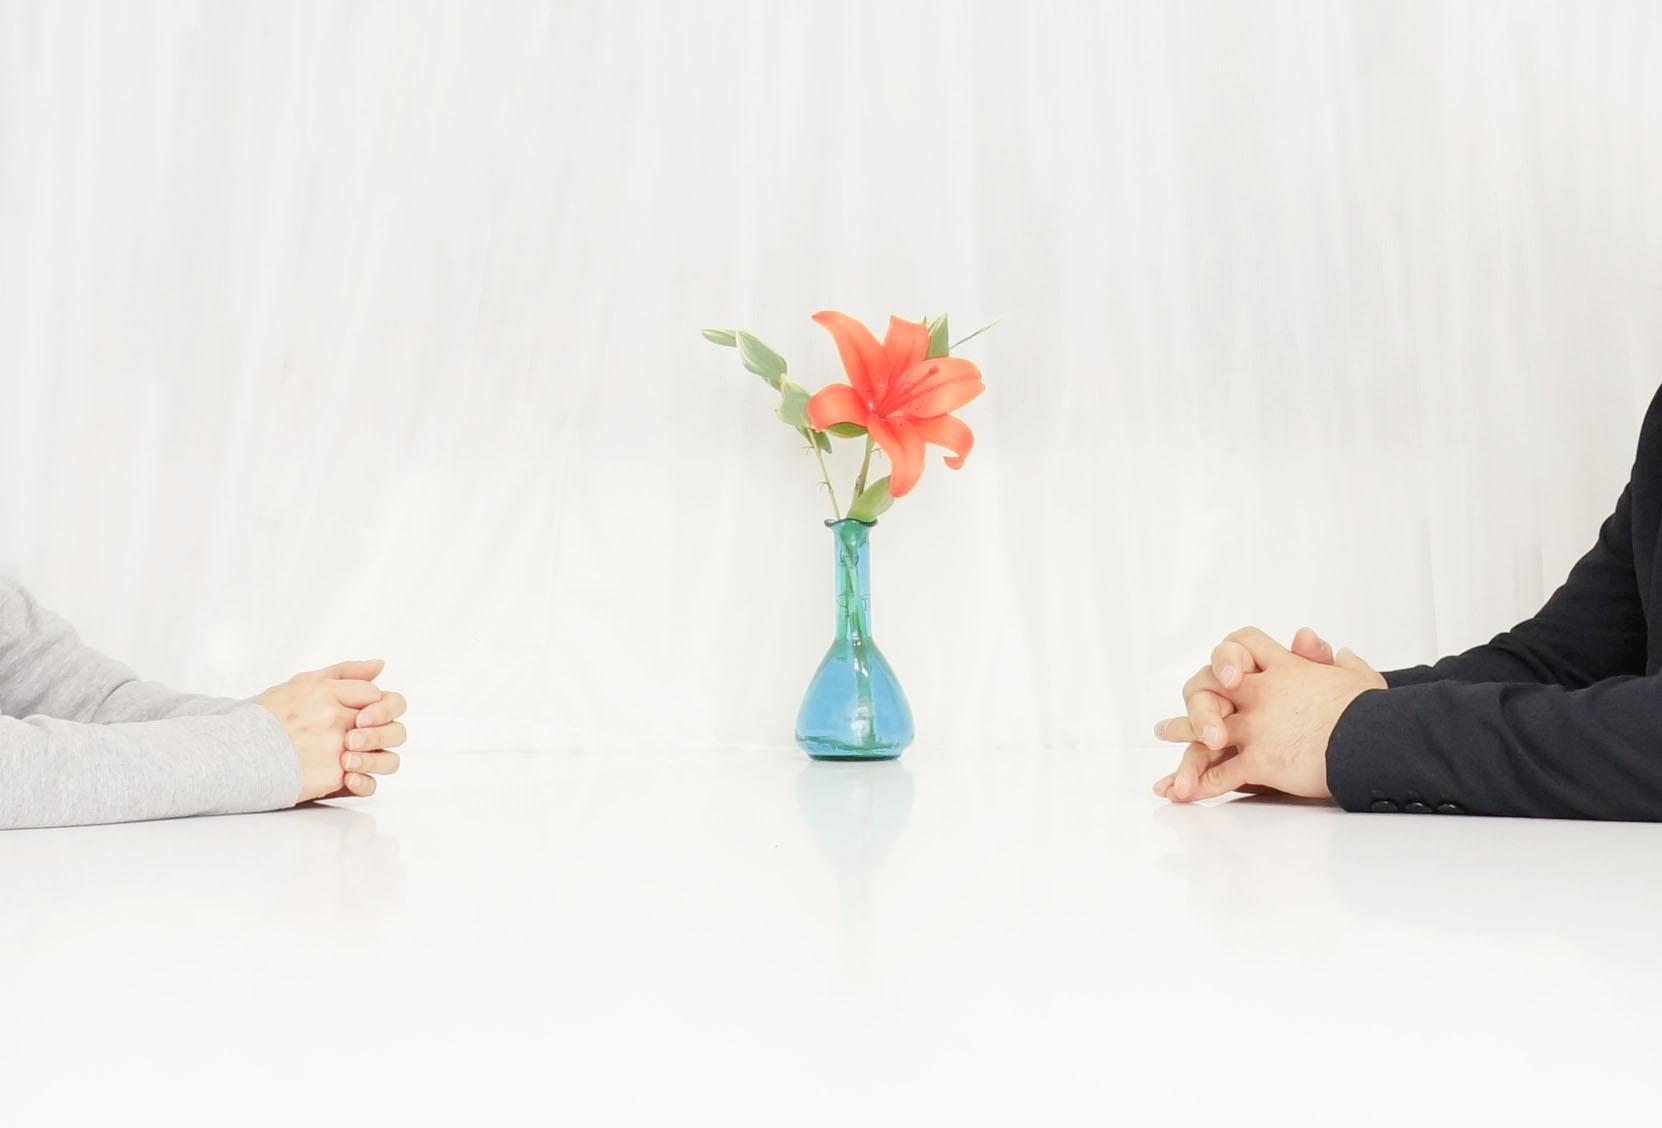 住宅ローンと離婚